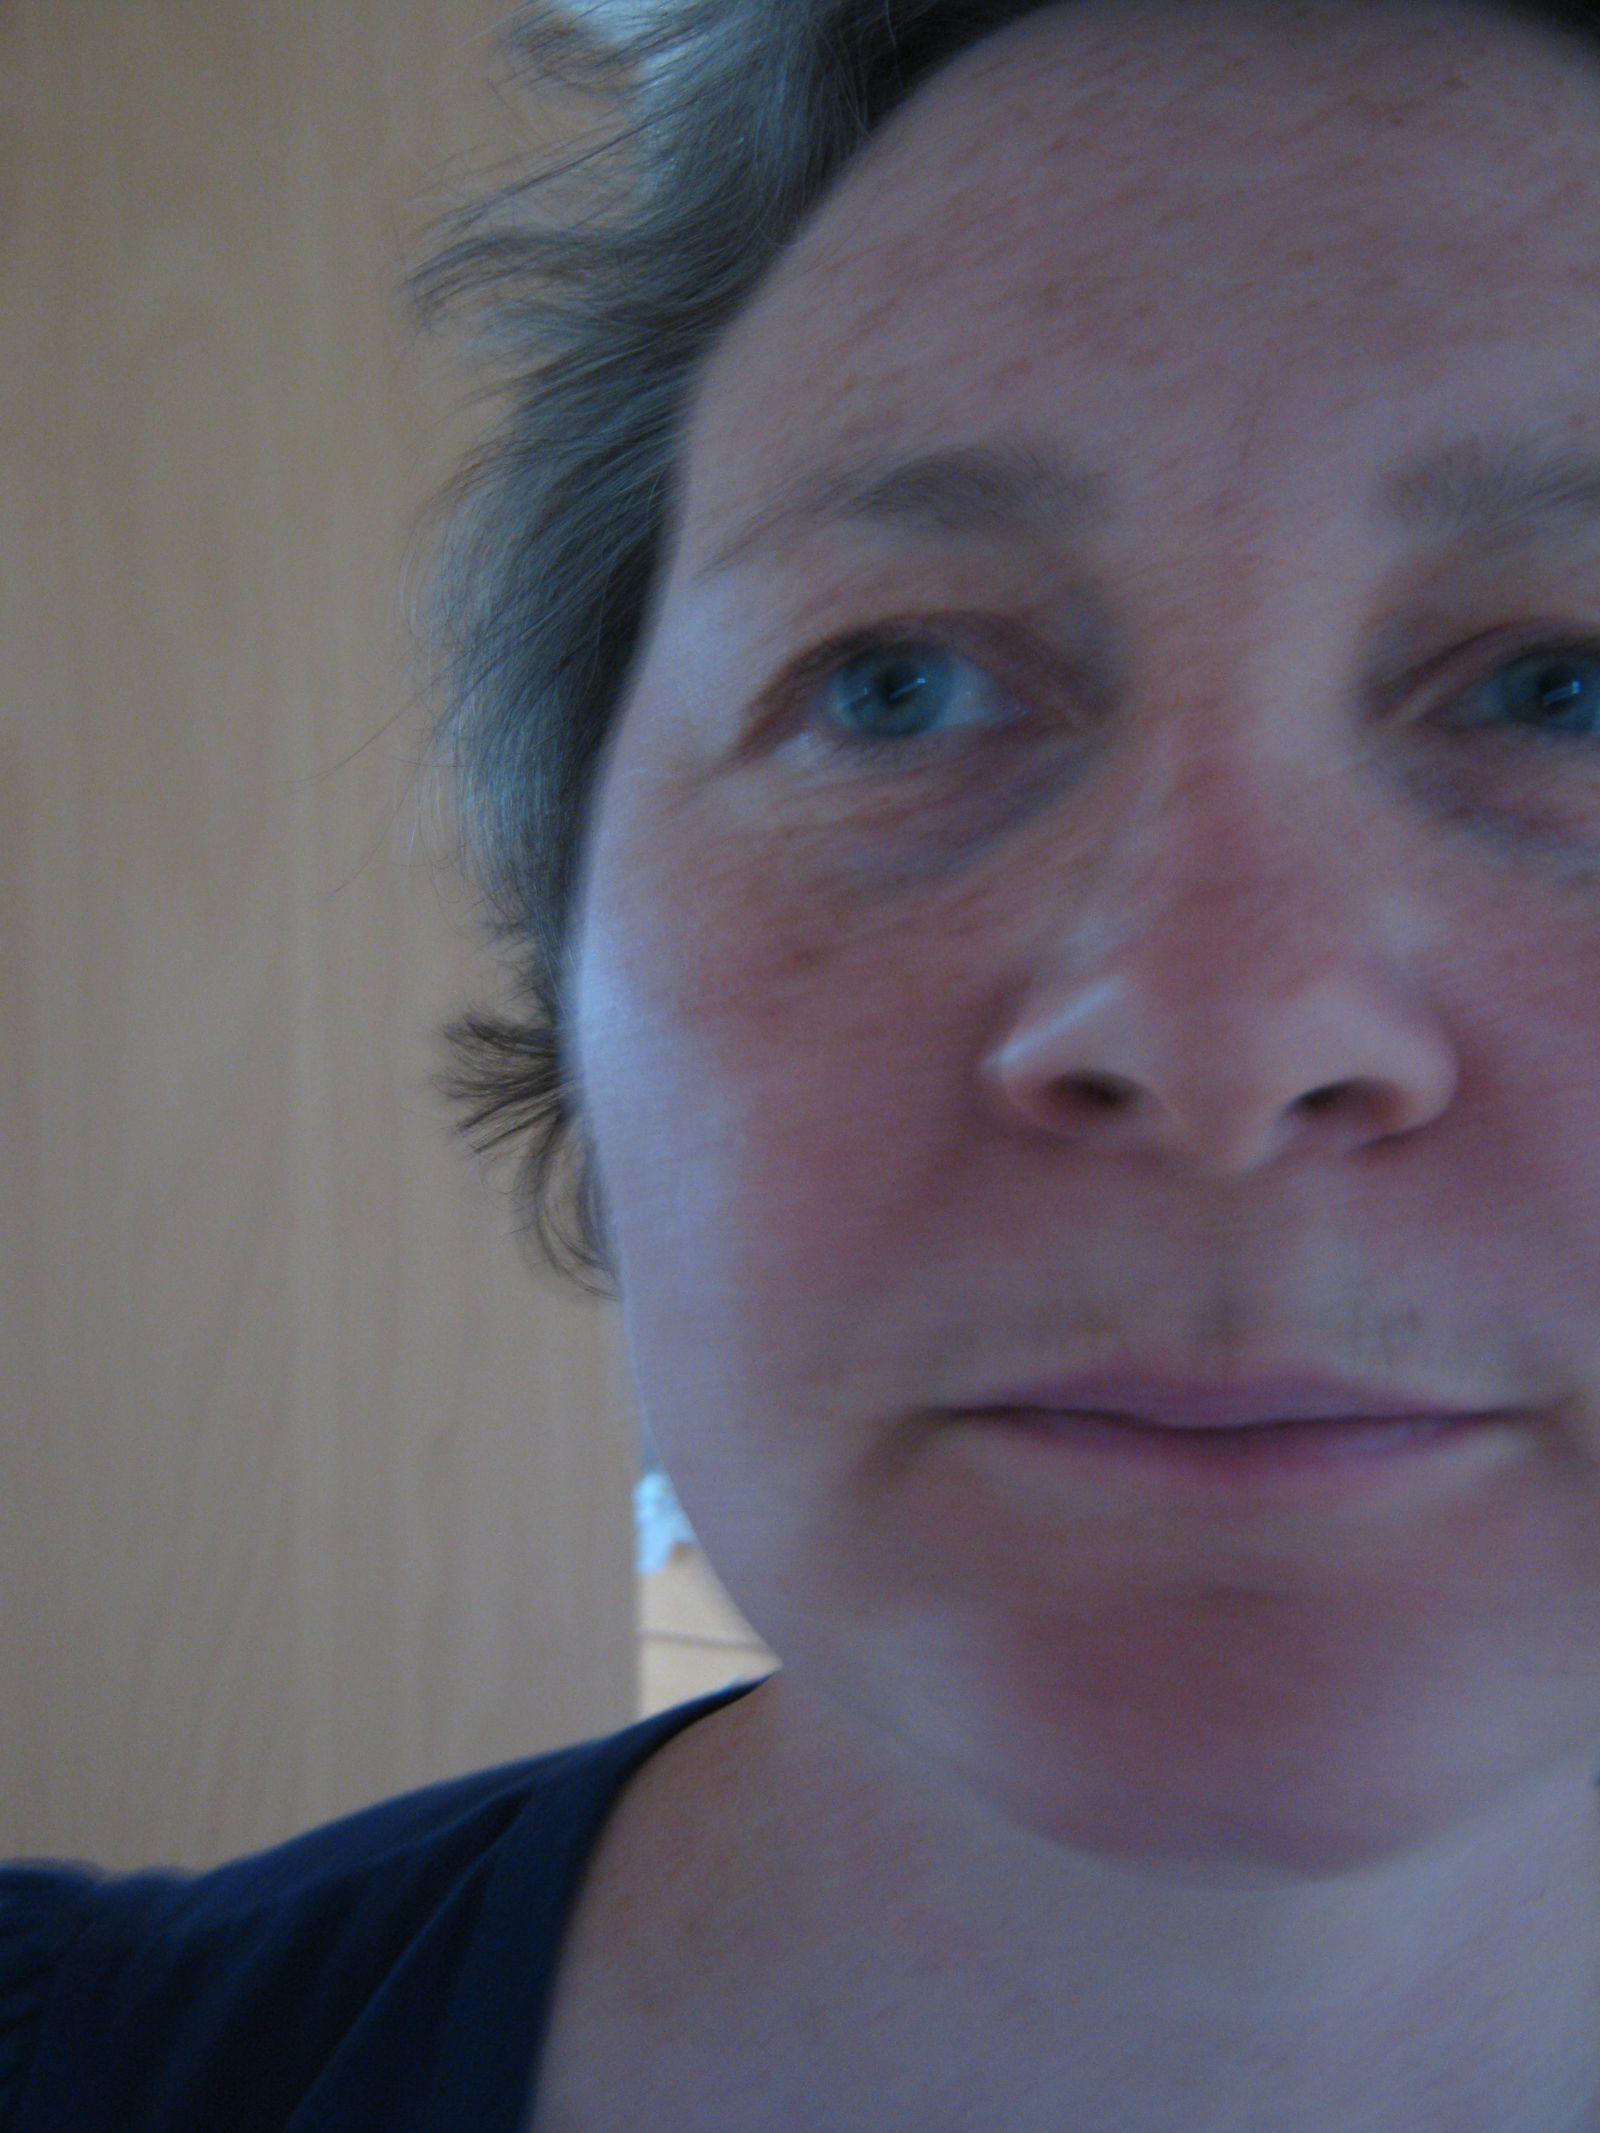 Billeder til dokumentation af Mette lejlighed ved aflevering